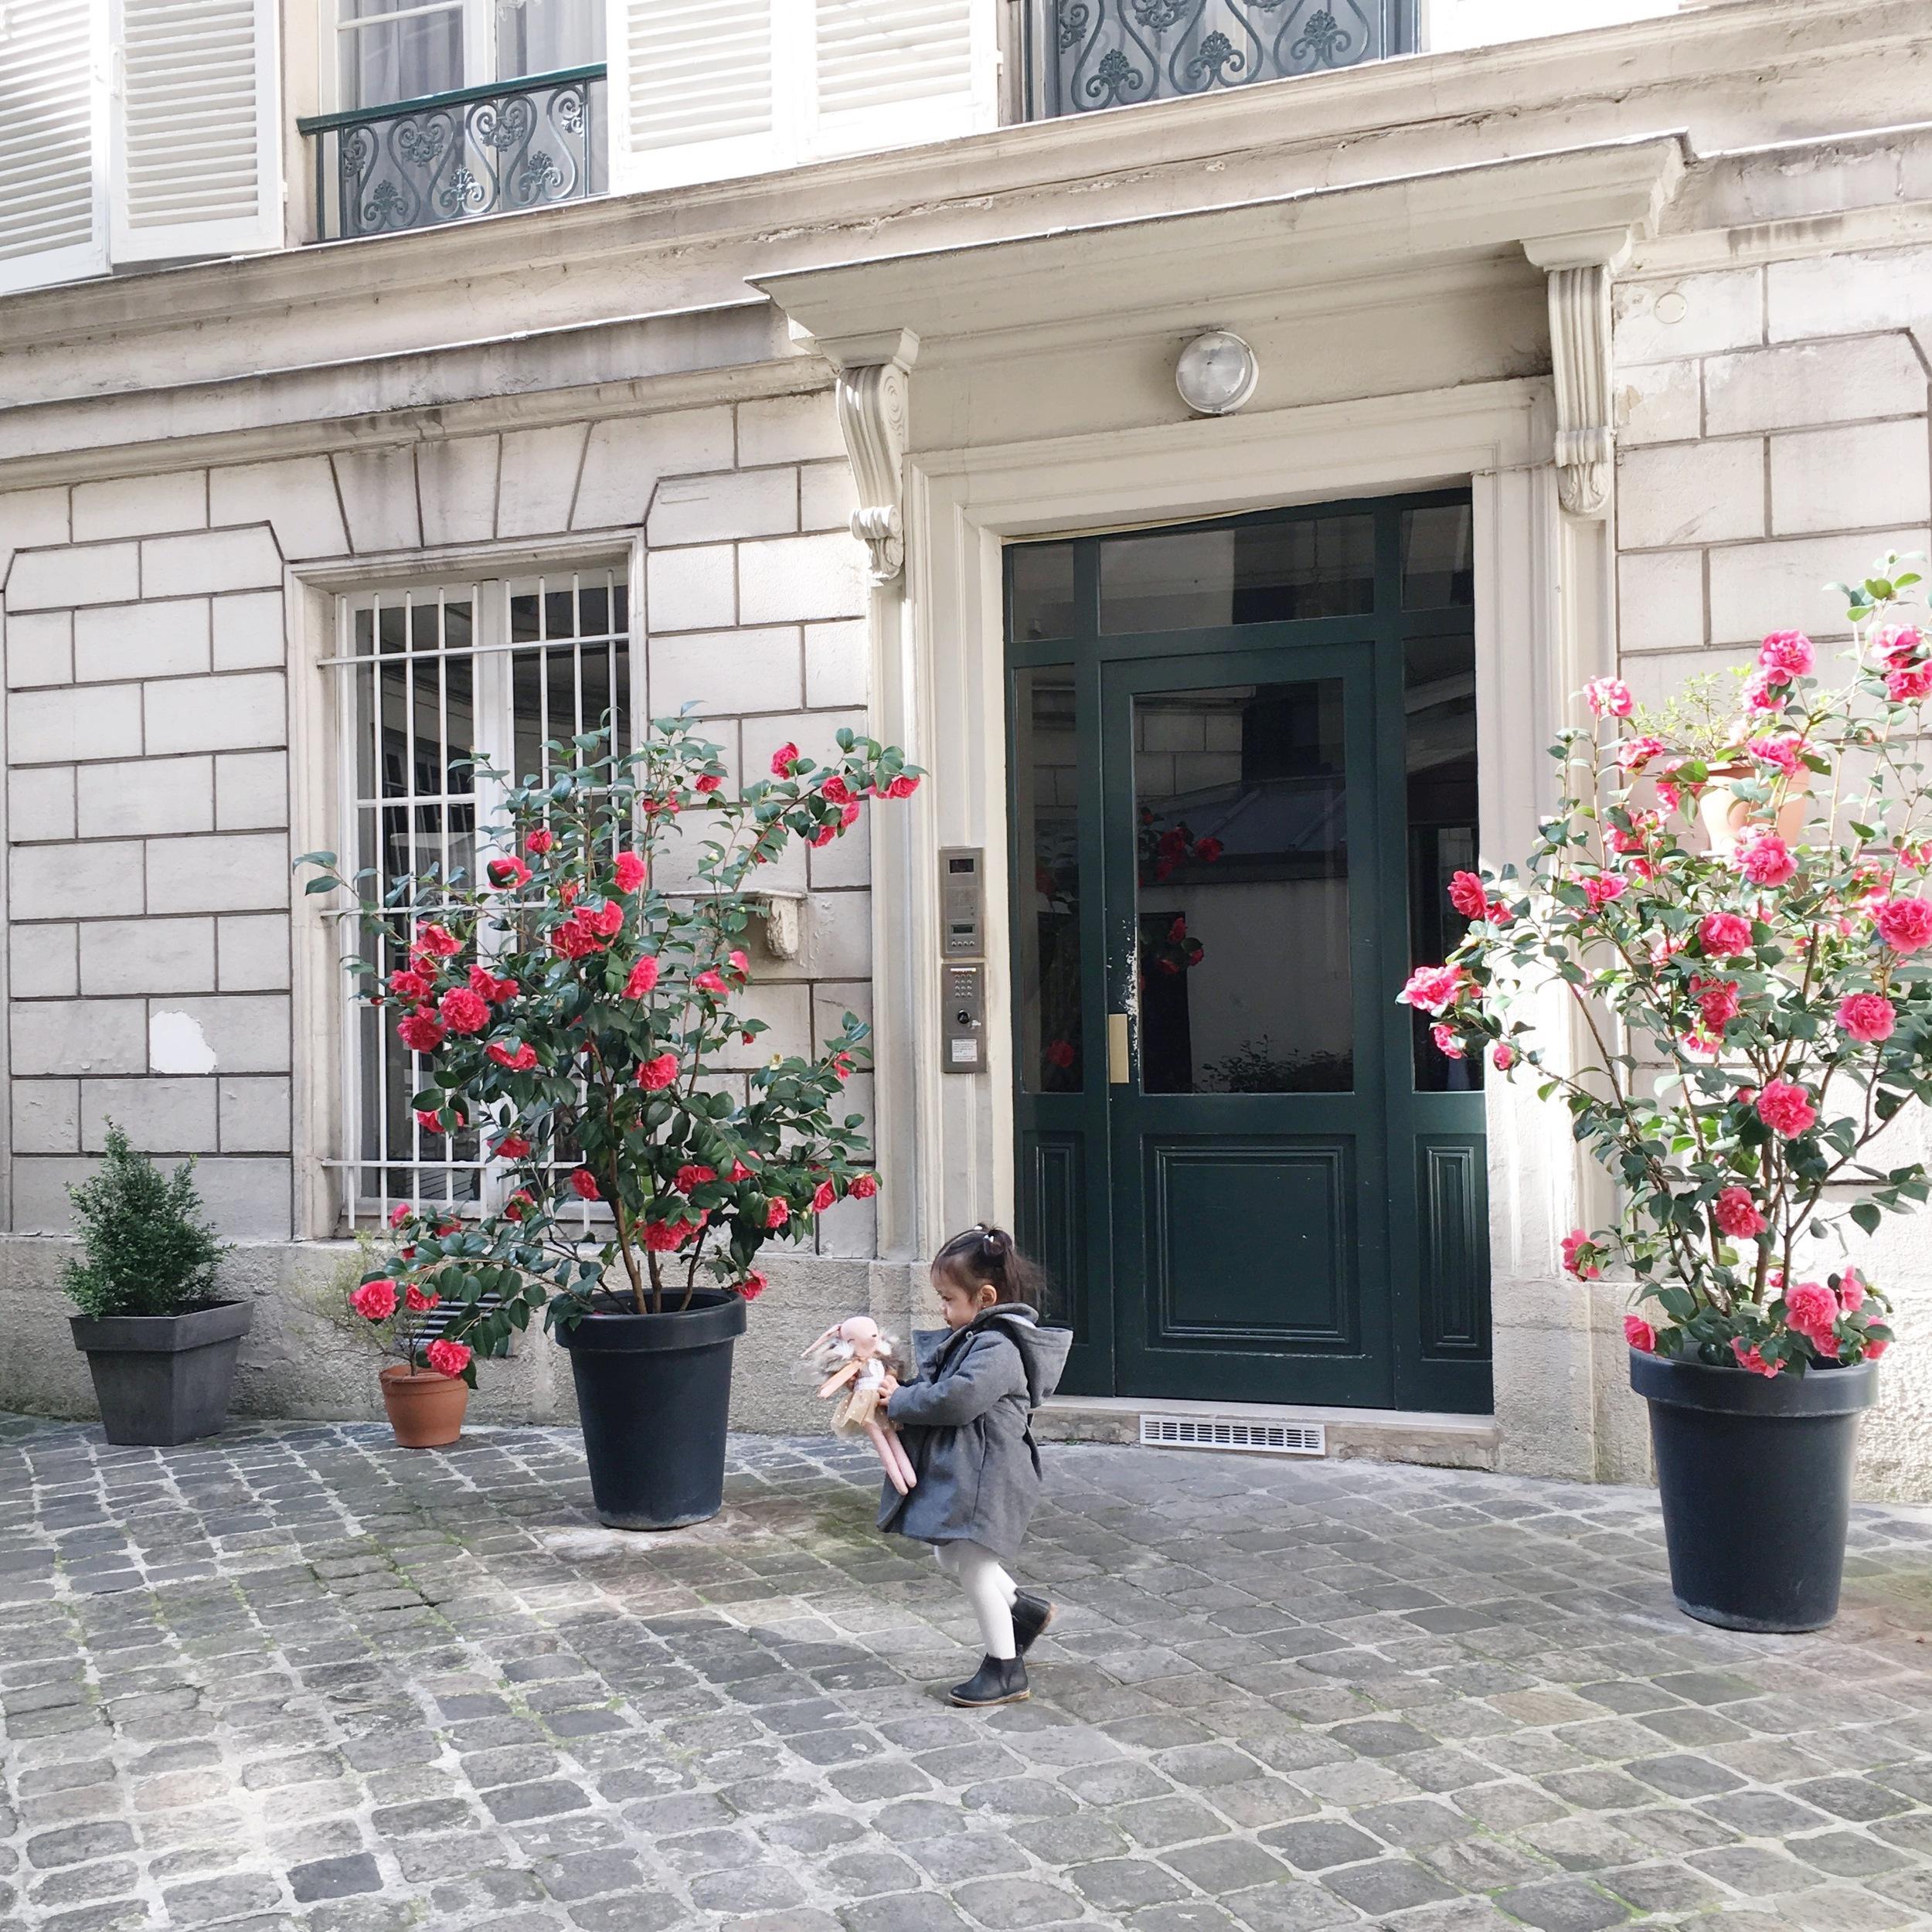 Paris Recap on meethaha.com